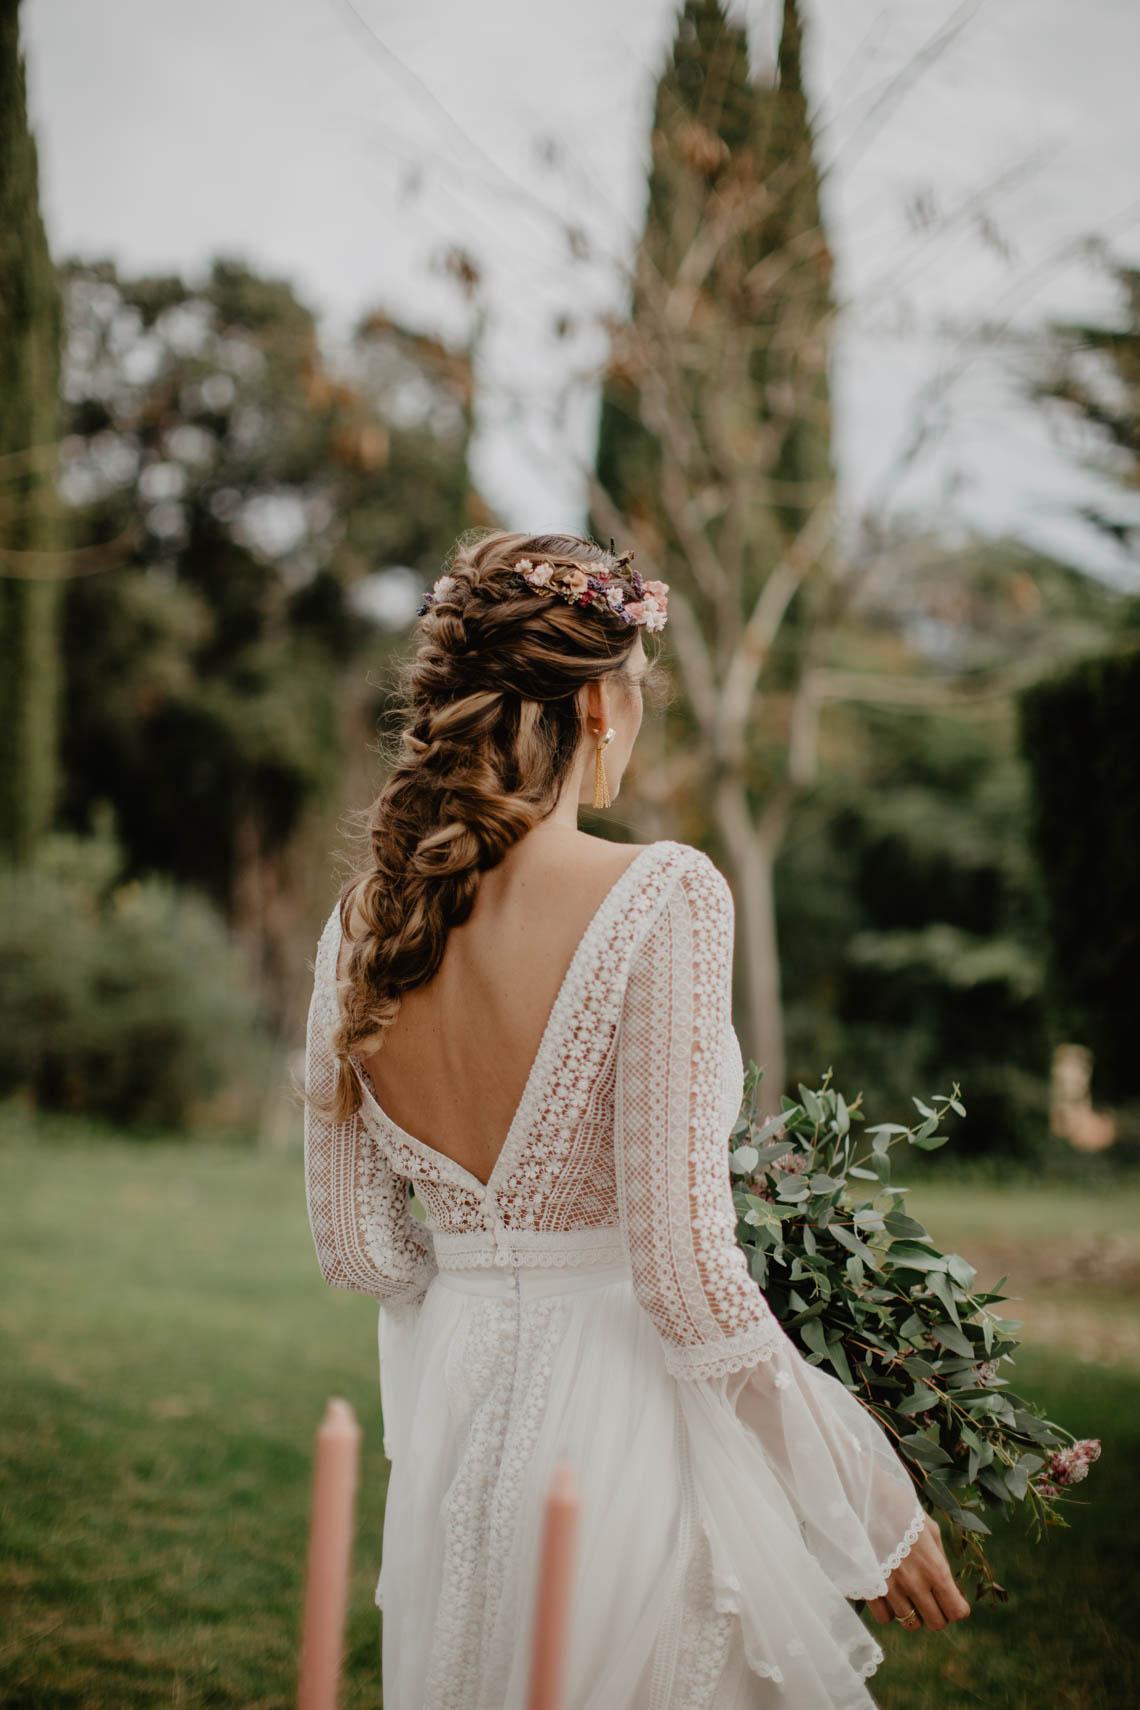 una-novia-toques-rosas-lavetis-miss-cavallier-27